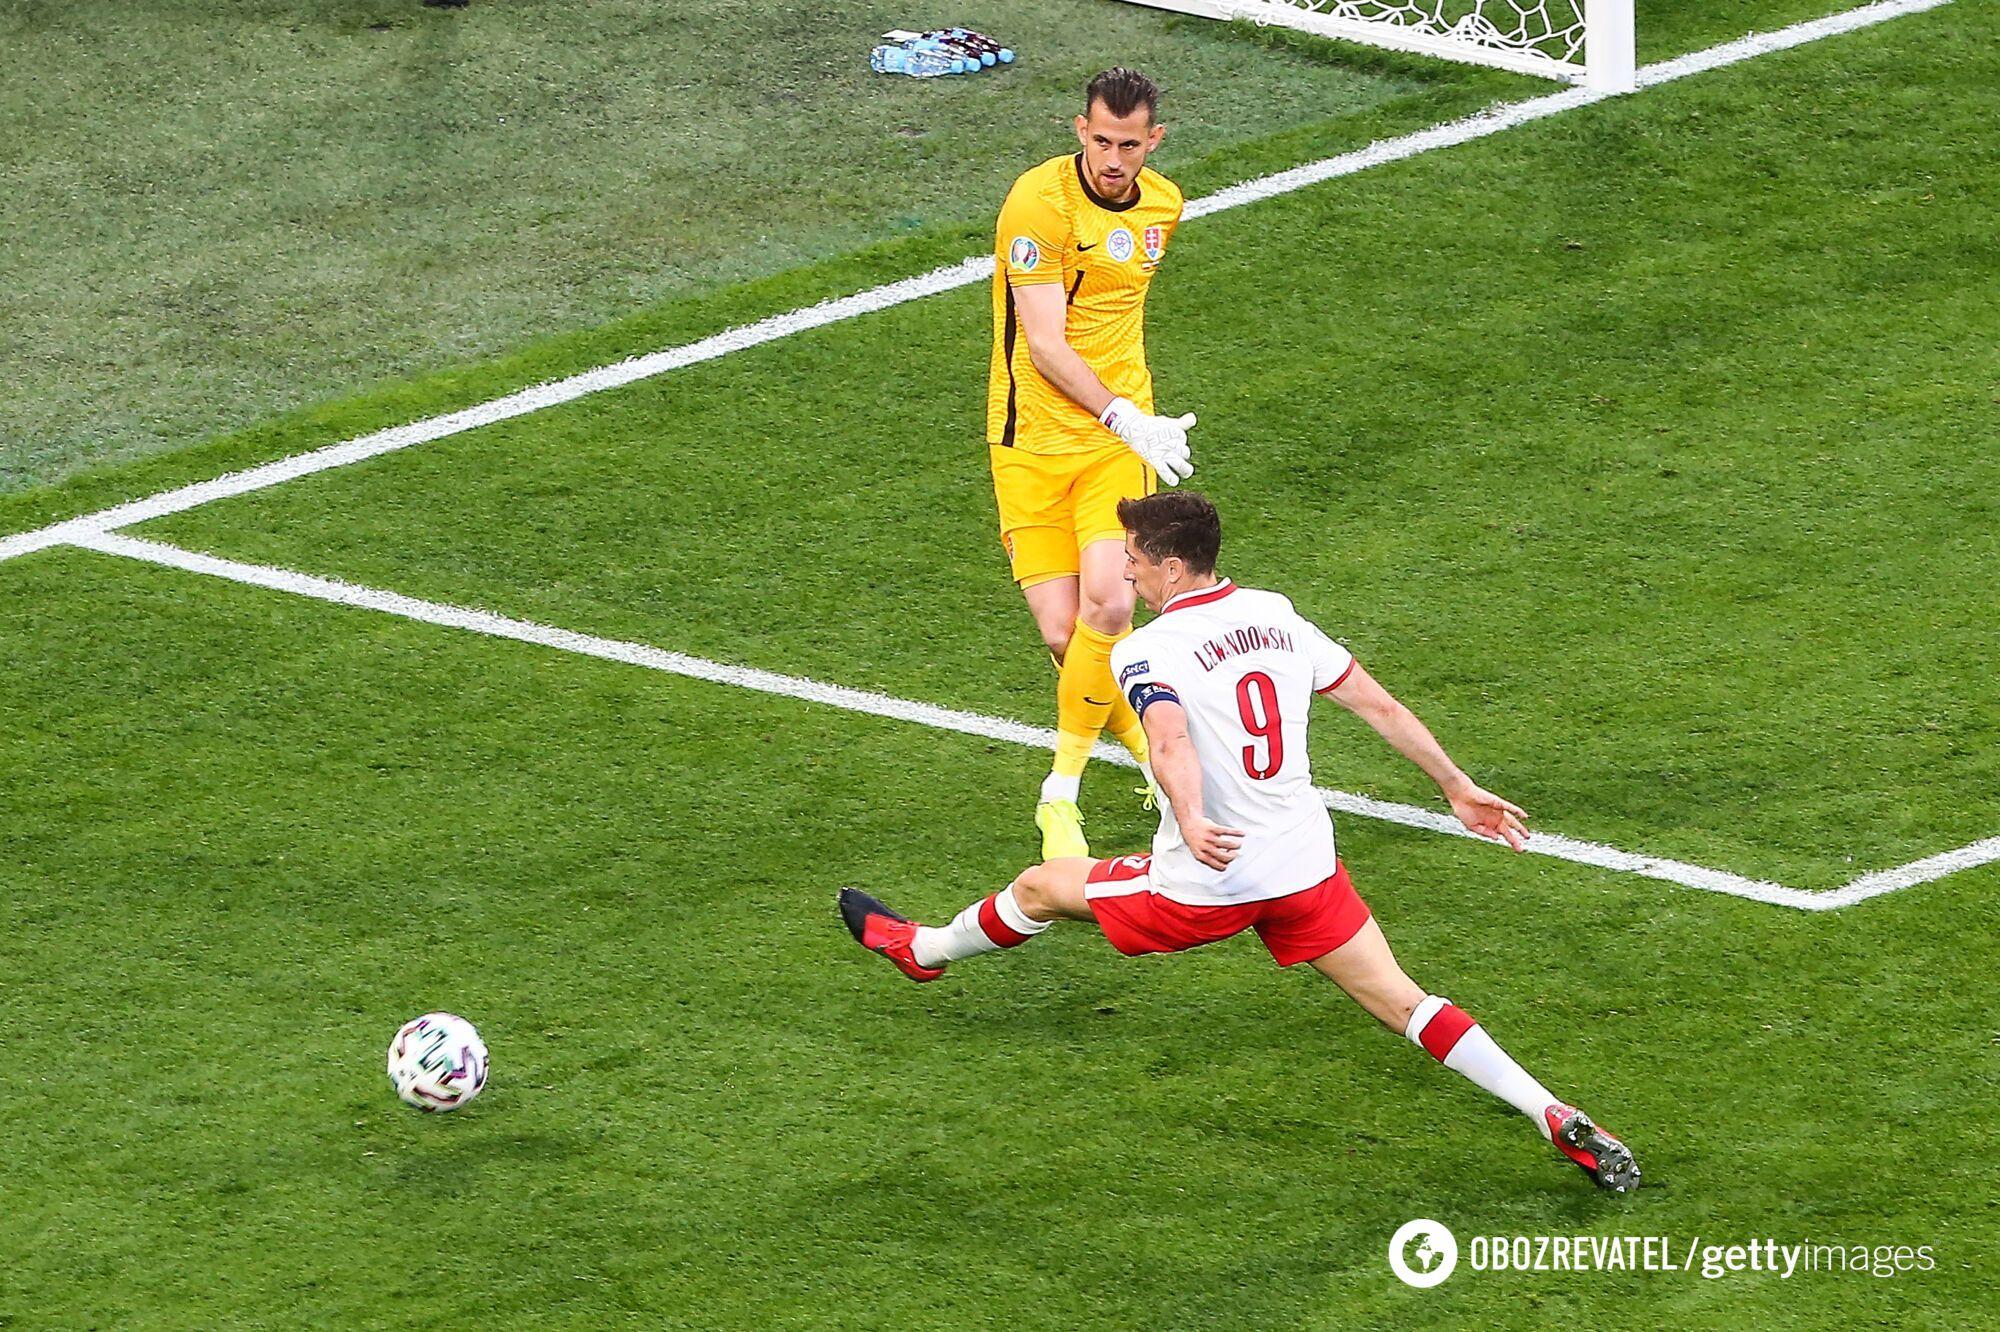 Польша в первом туре проиграла Словакии.